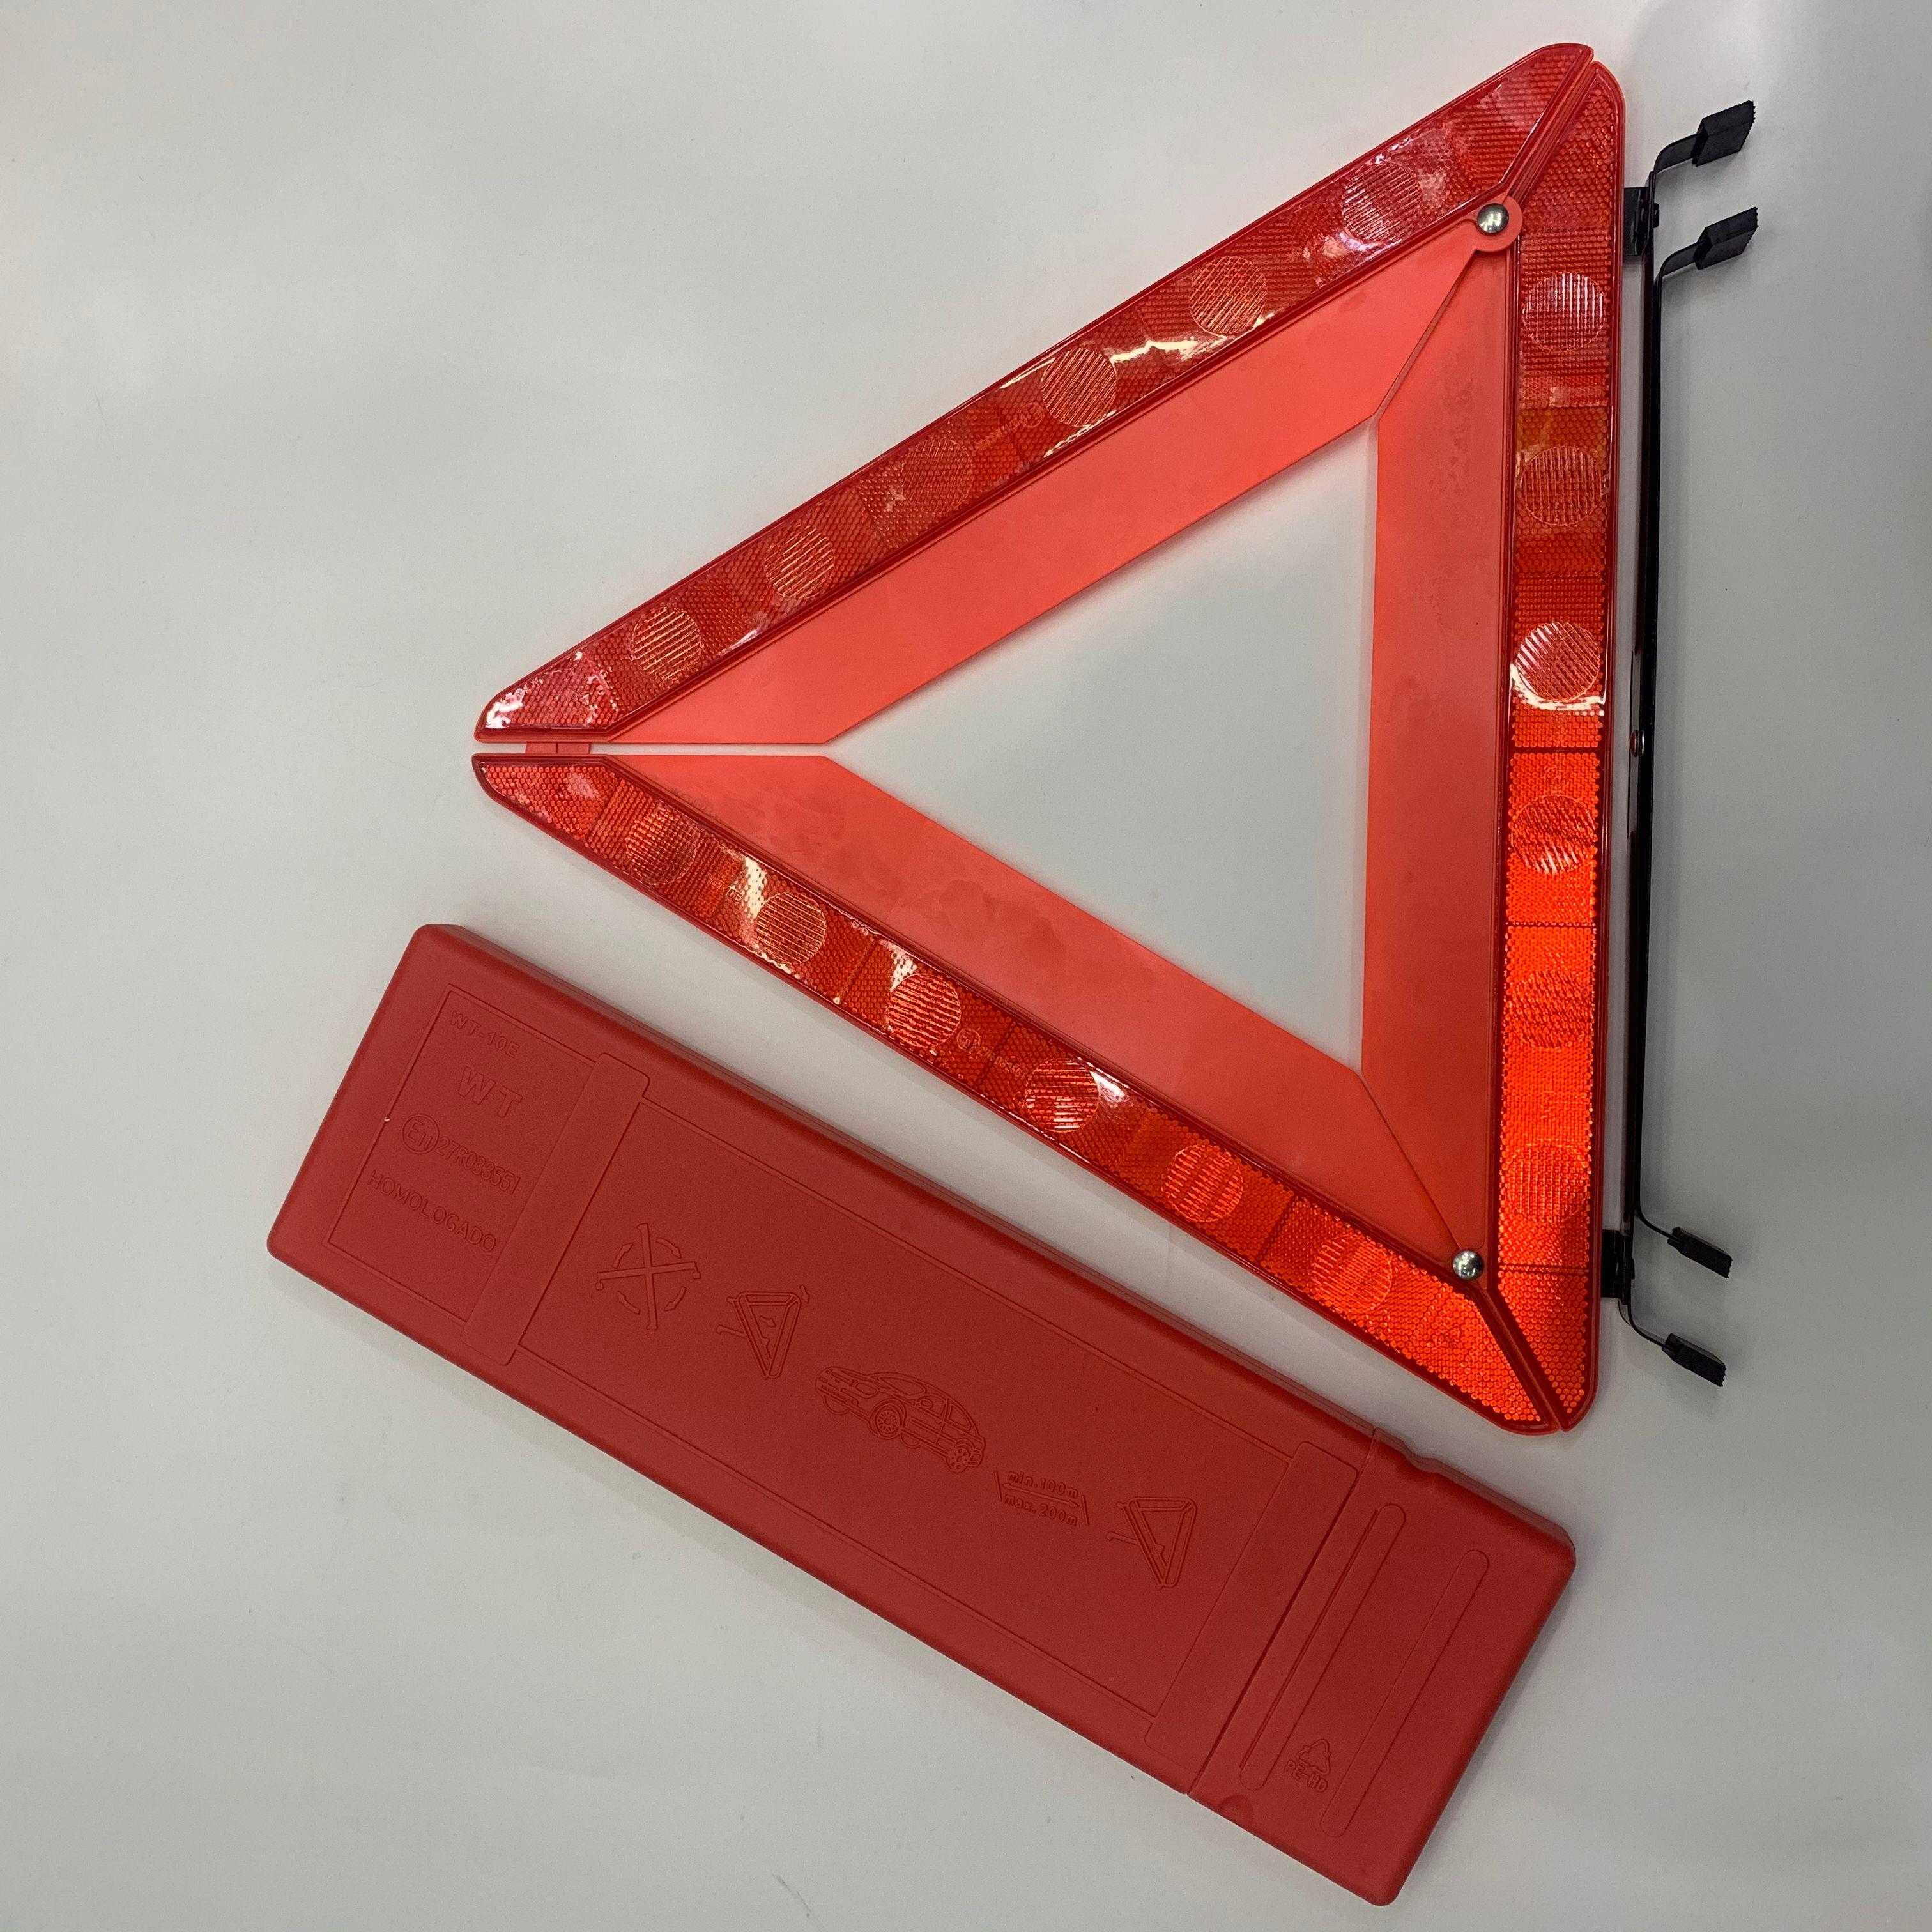 汽车三角架警示牌 反光三角牌车载危险故障标志 可折叠收纳